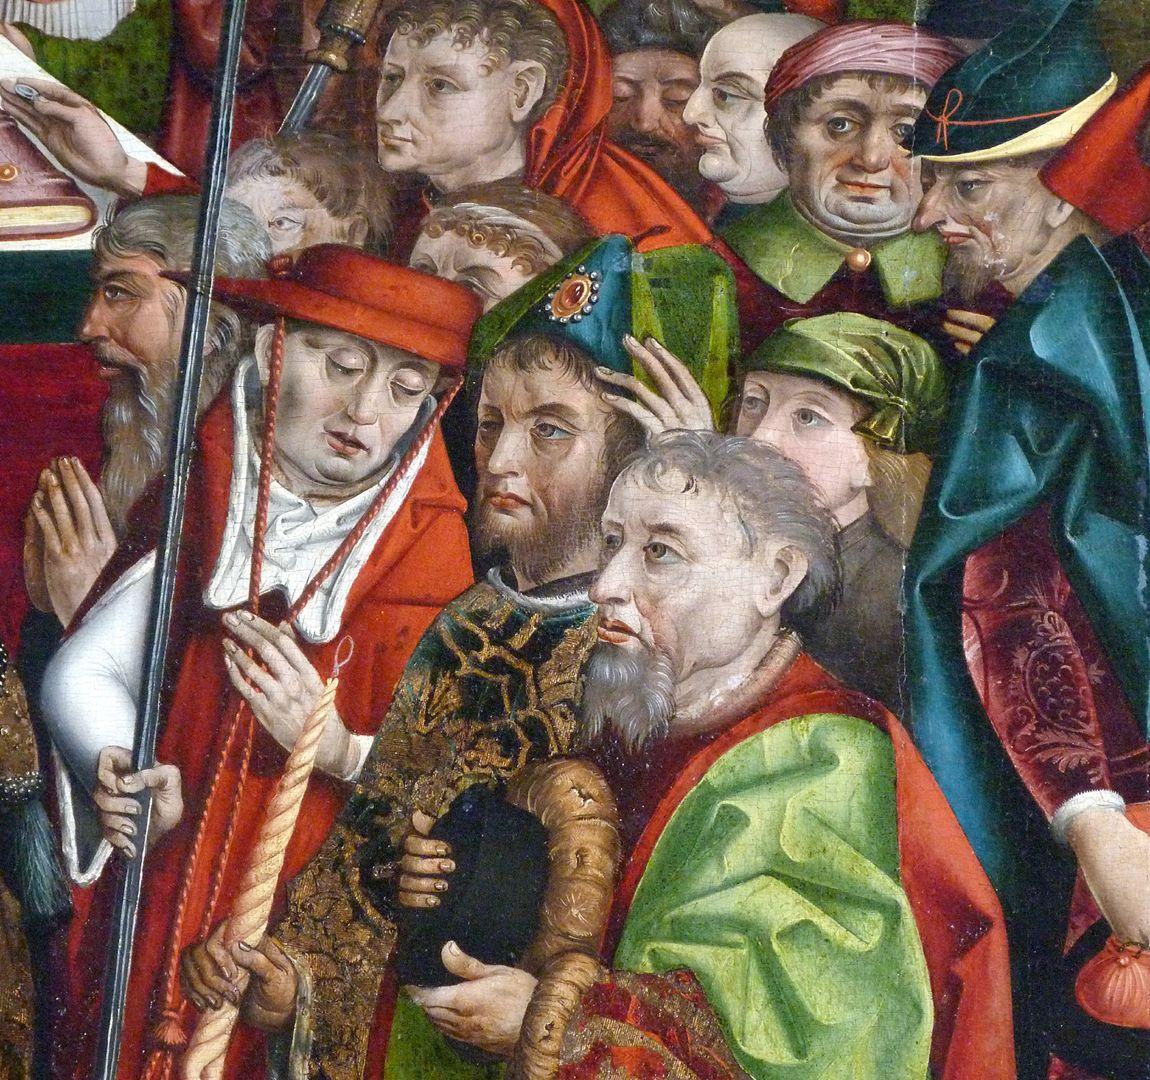 Epitaph des Hans Mayer (gest. 21.8.1473) und Ehefrau Kunigunde, geborene Sternecker (gest. 23.3.1450) Mittelteil der Tafel, Detail